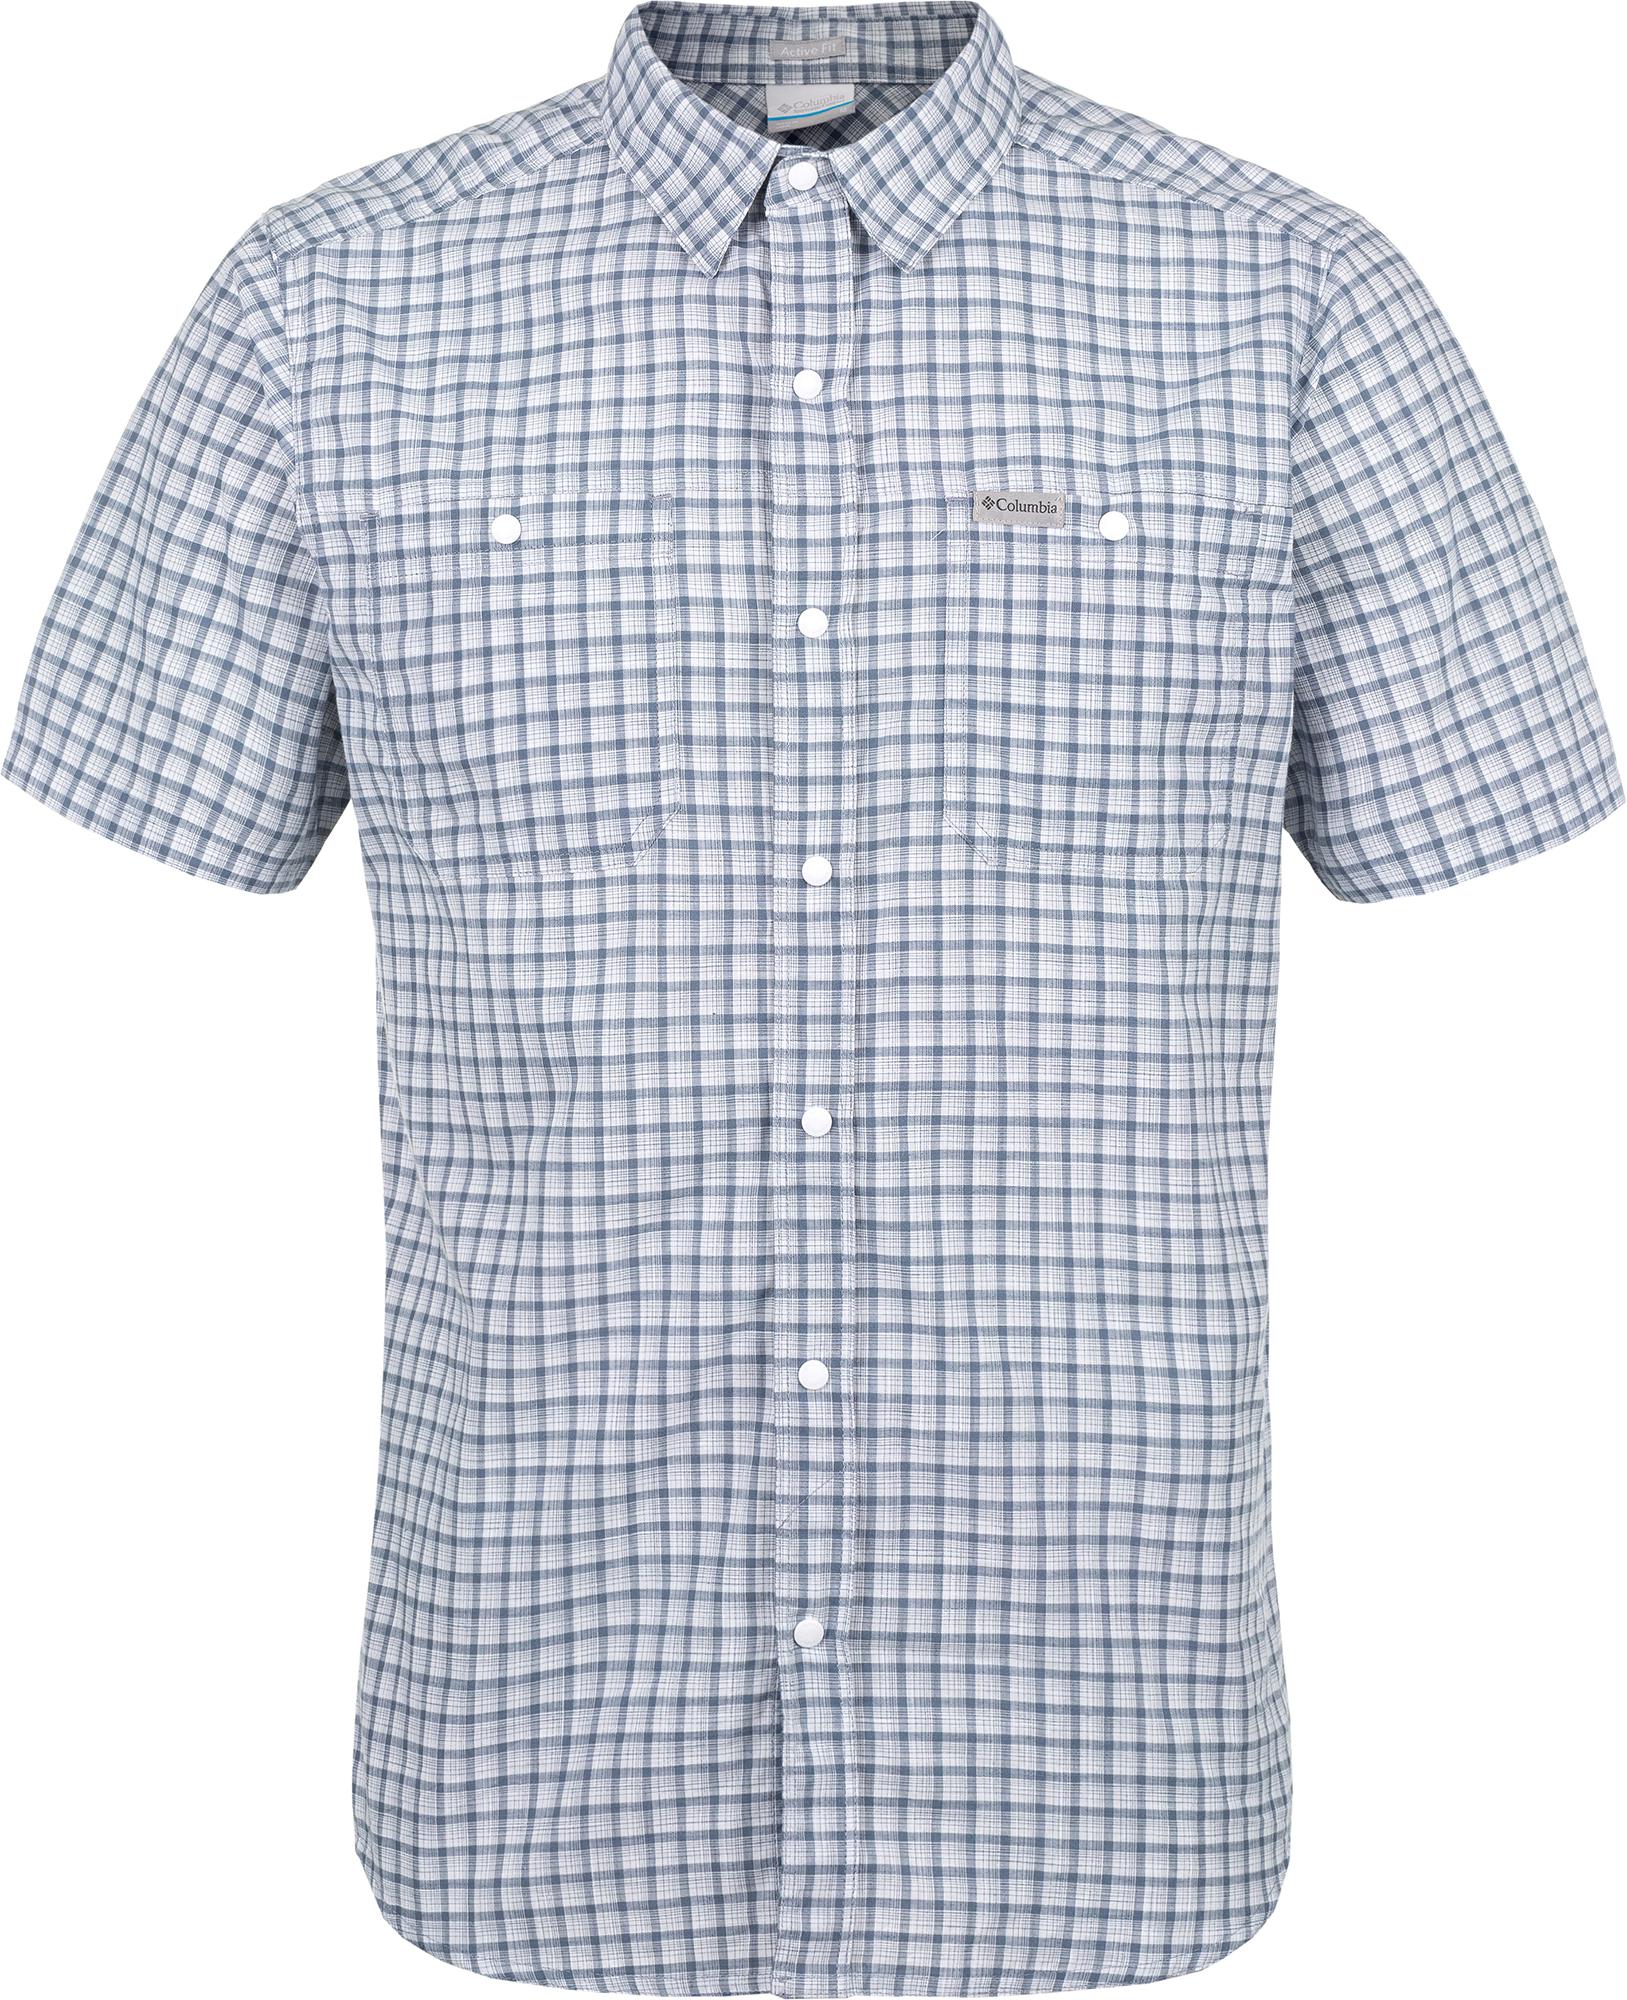 цена на Columbia Рубашка мужская Columbia Leadville Ridge, размер 56